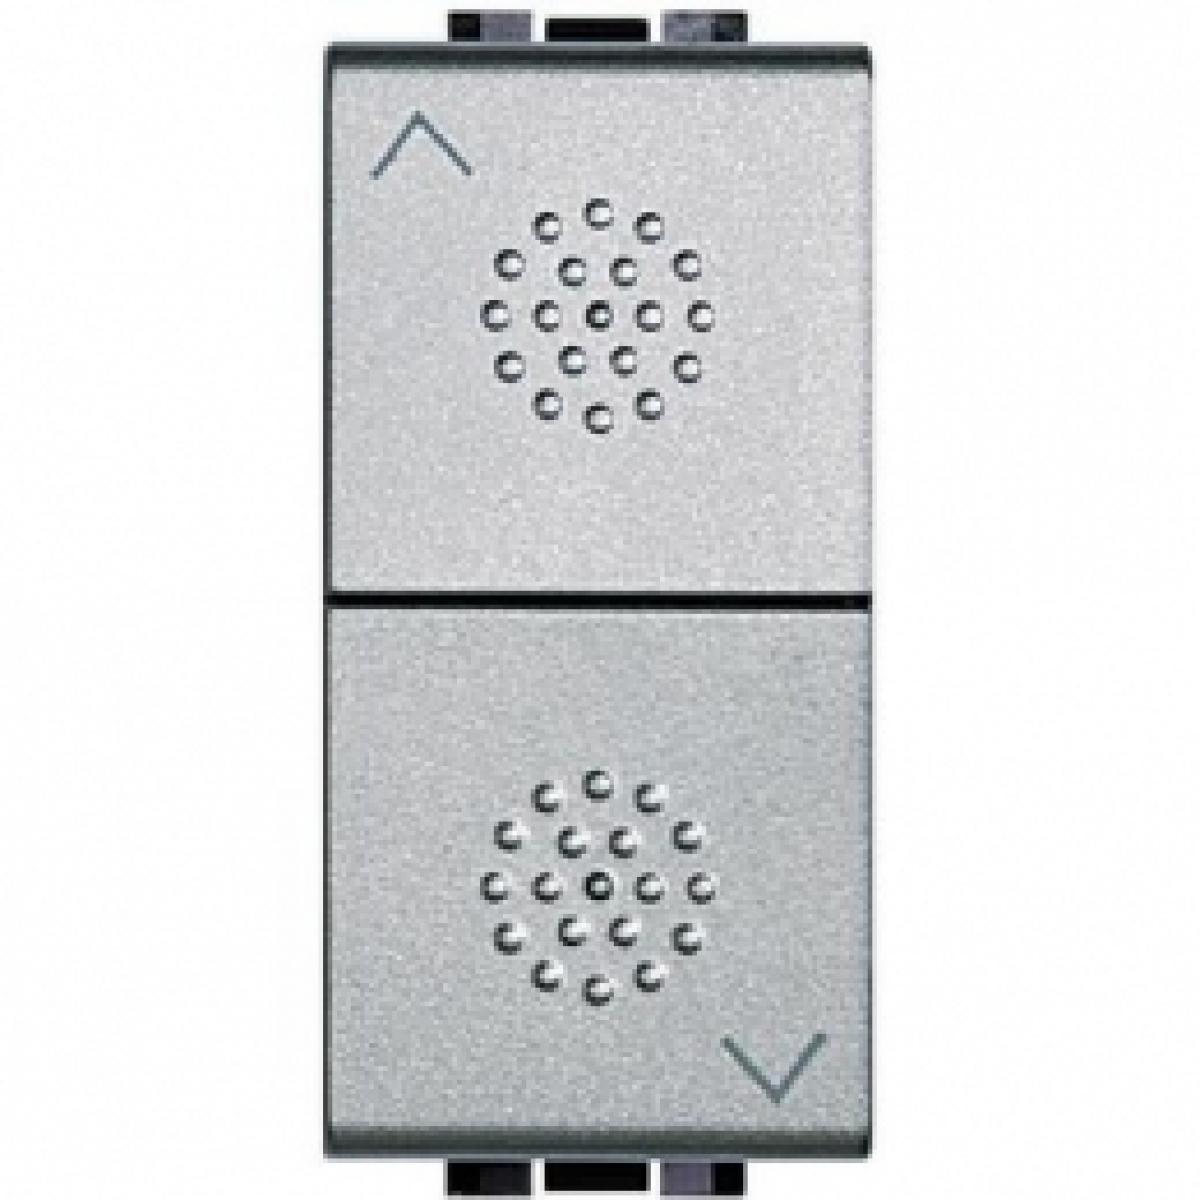 NT4027 commutatore bticino light tech serie con doppio tasto 1-0-2 alimentazione 230v corrente 16 am